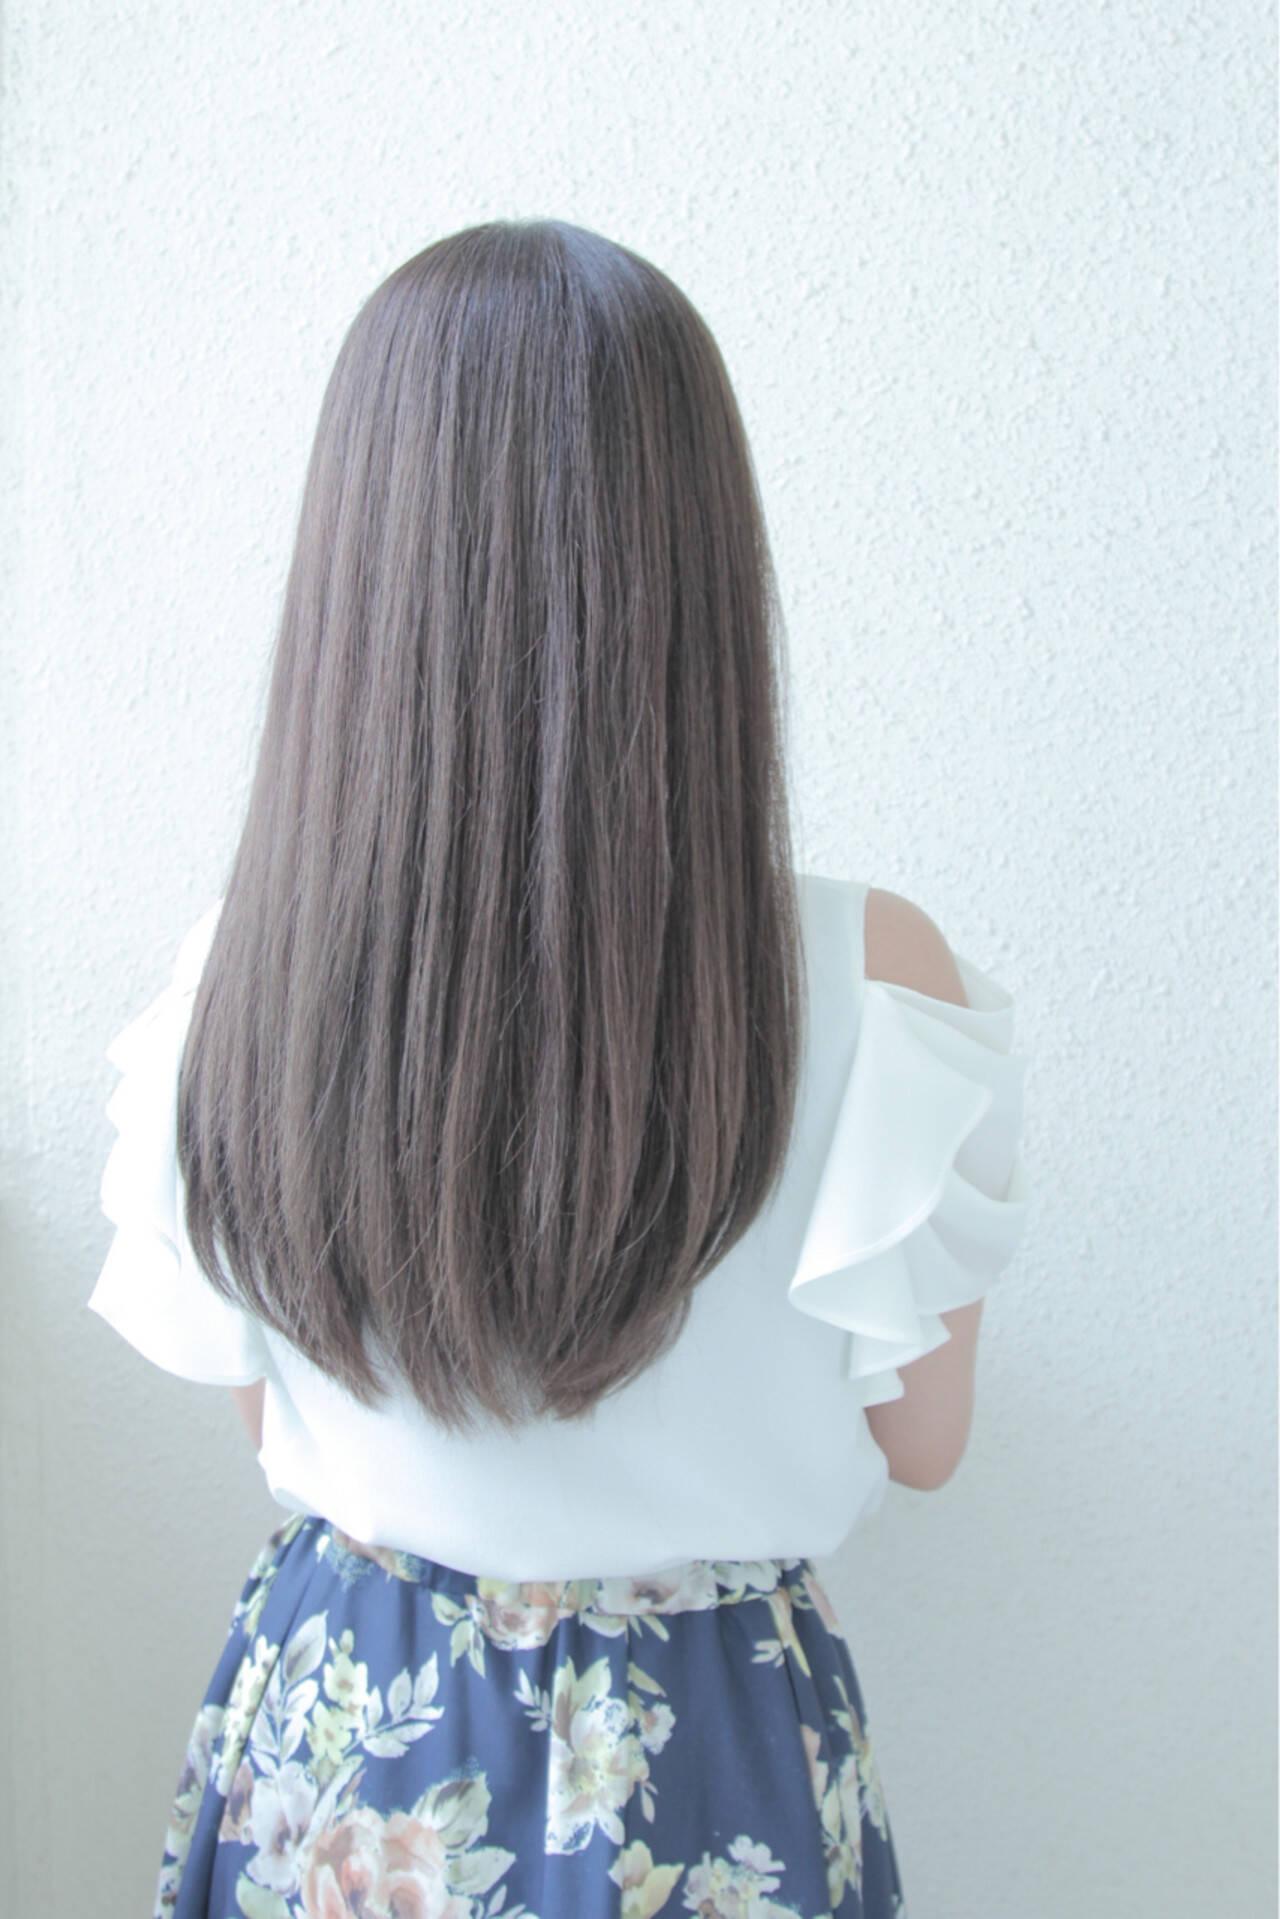 ダークアッシュ アッシュブラウン アッシュグレージュ ナチュラルヘアスタイルや髪型の写真・画像